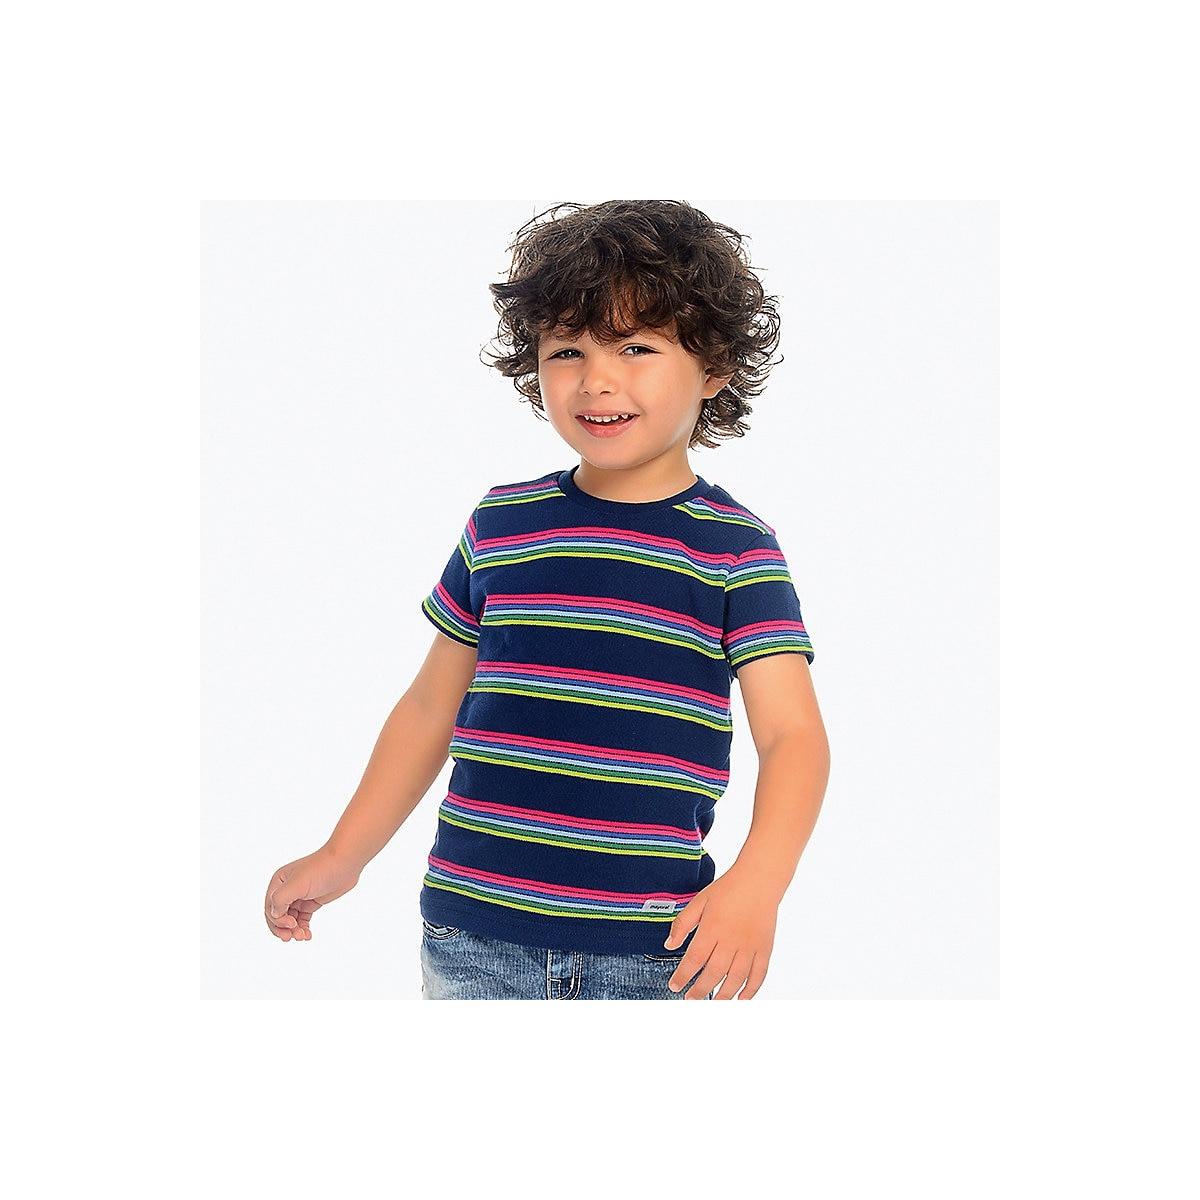 T Shirts BÜRGERMEISTER 10681941 Kinder sClothing T shirt mit kurzen ärmeln polo shirt für jungen und mädchen